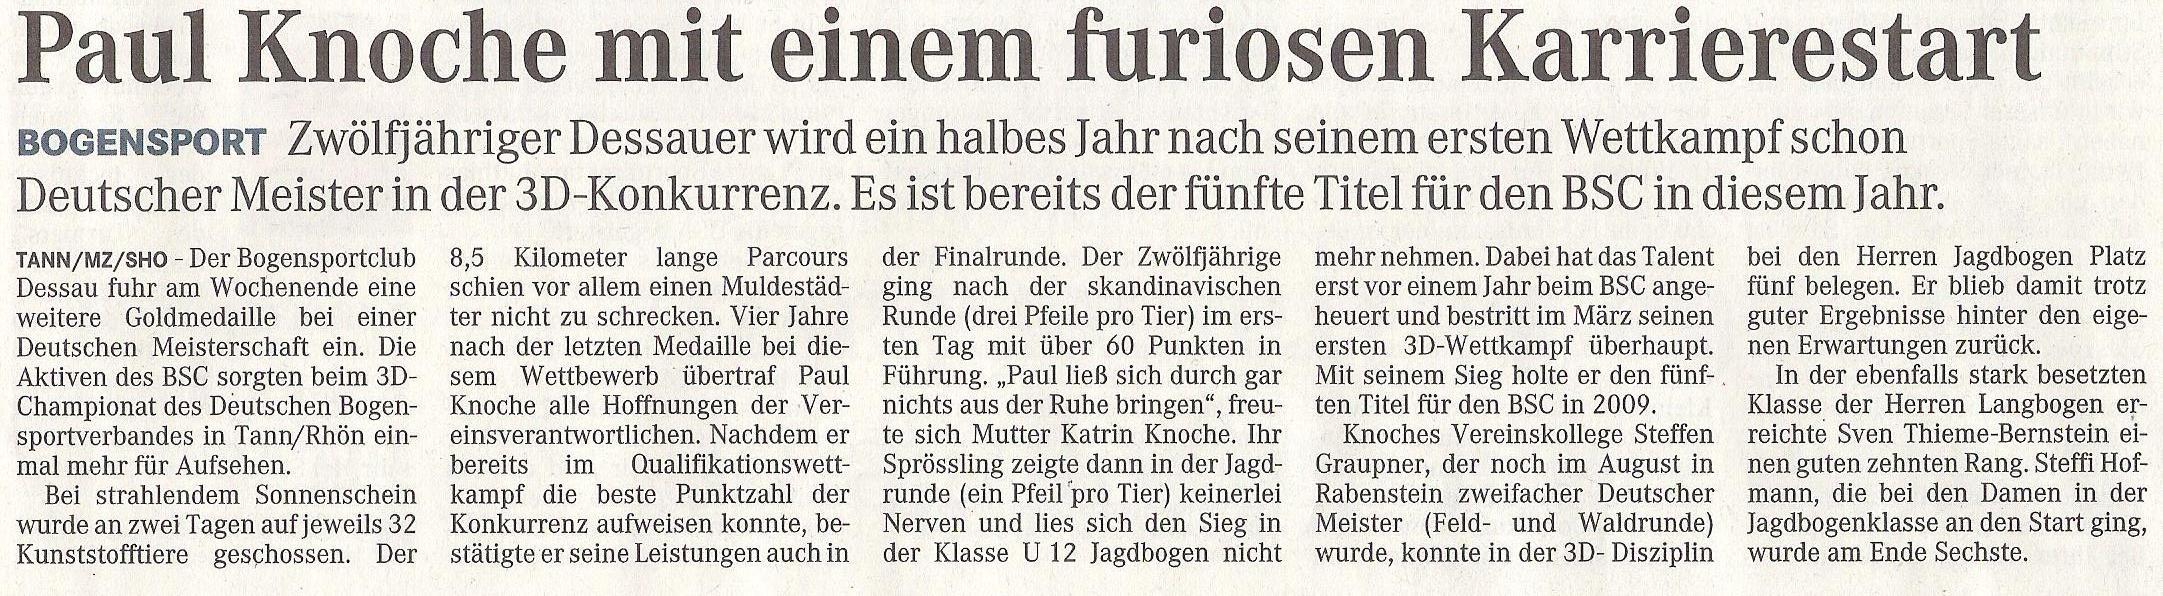 Deutsche Meisterschaft 3D – Mitteldeutsche Zeitung vom 29.09.2009